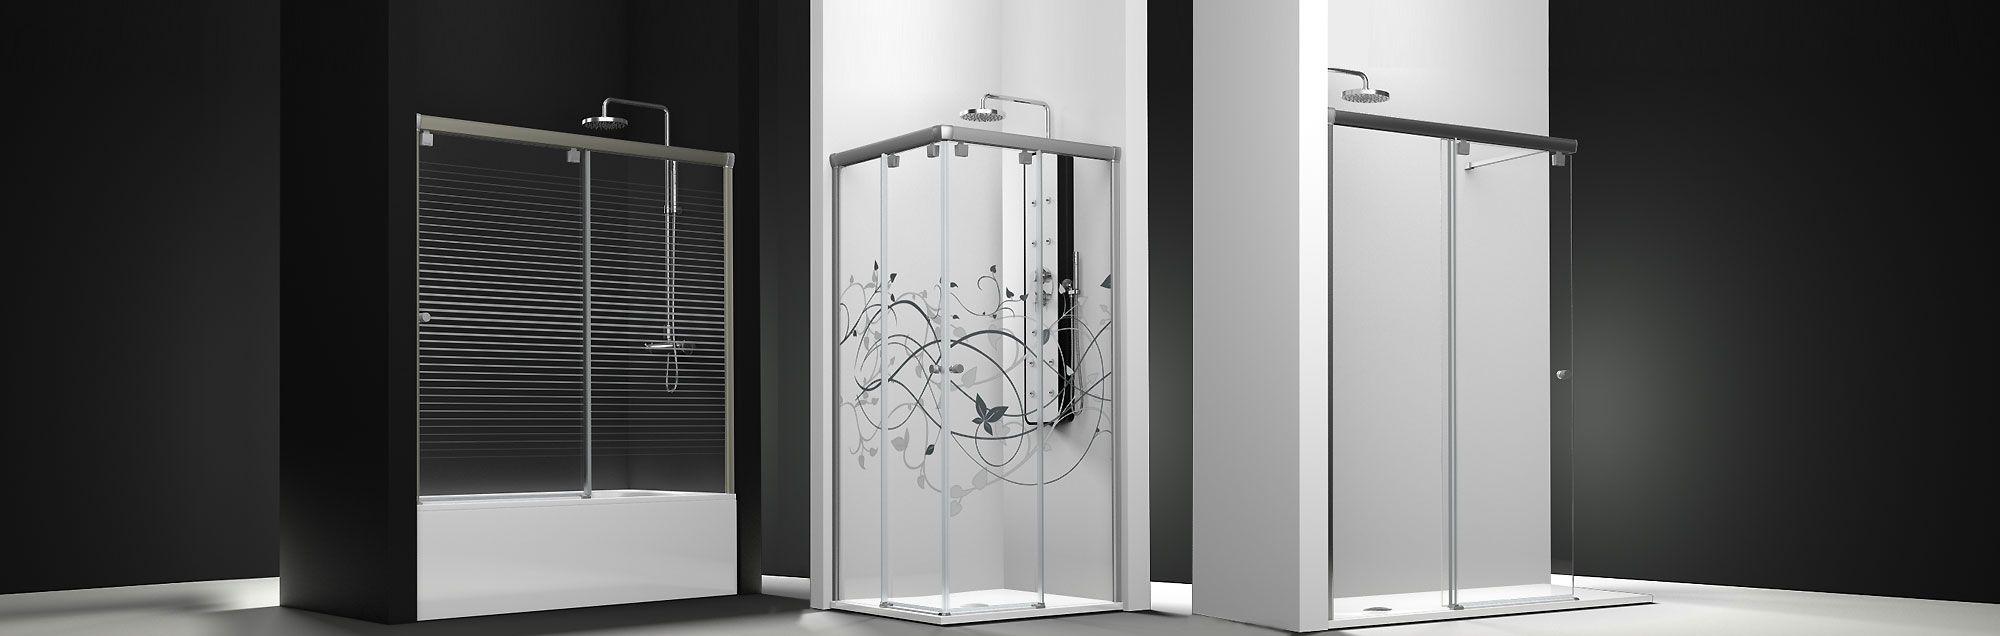 Serie Fresh - Duschabtrennungen nach Maß mit Gleittüren